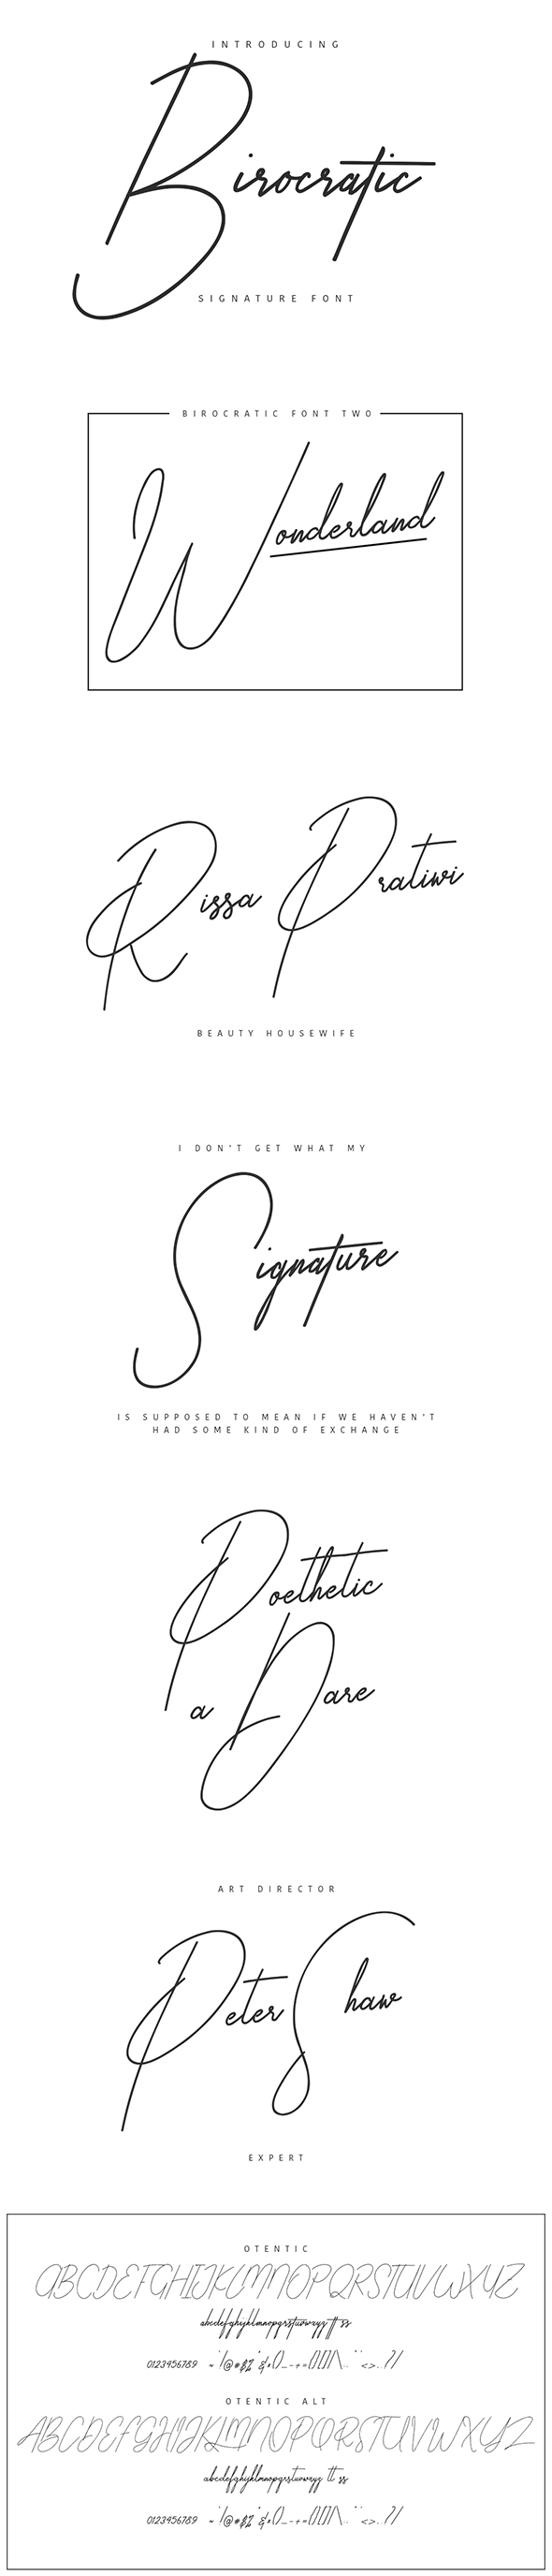 Birocratic Signature Typeface - Calligraphy Script